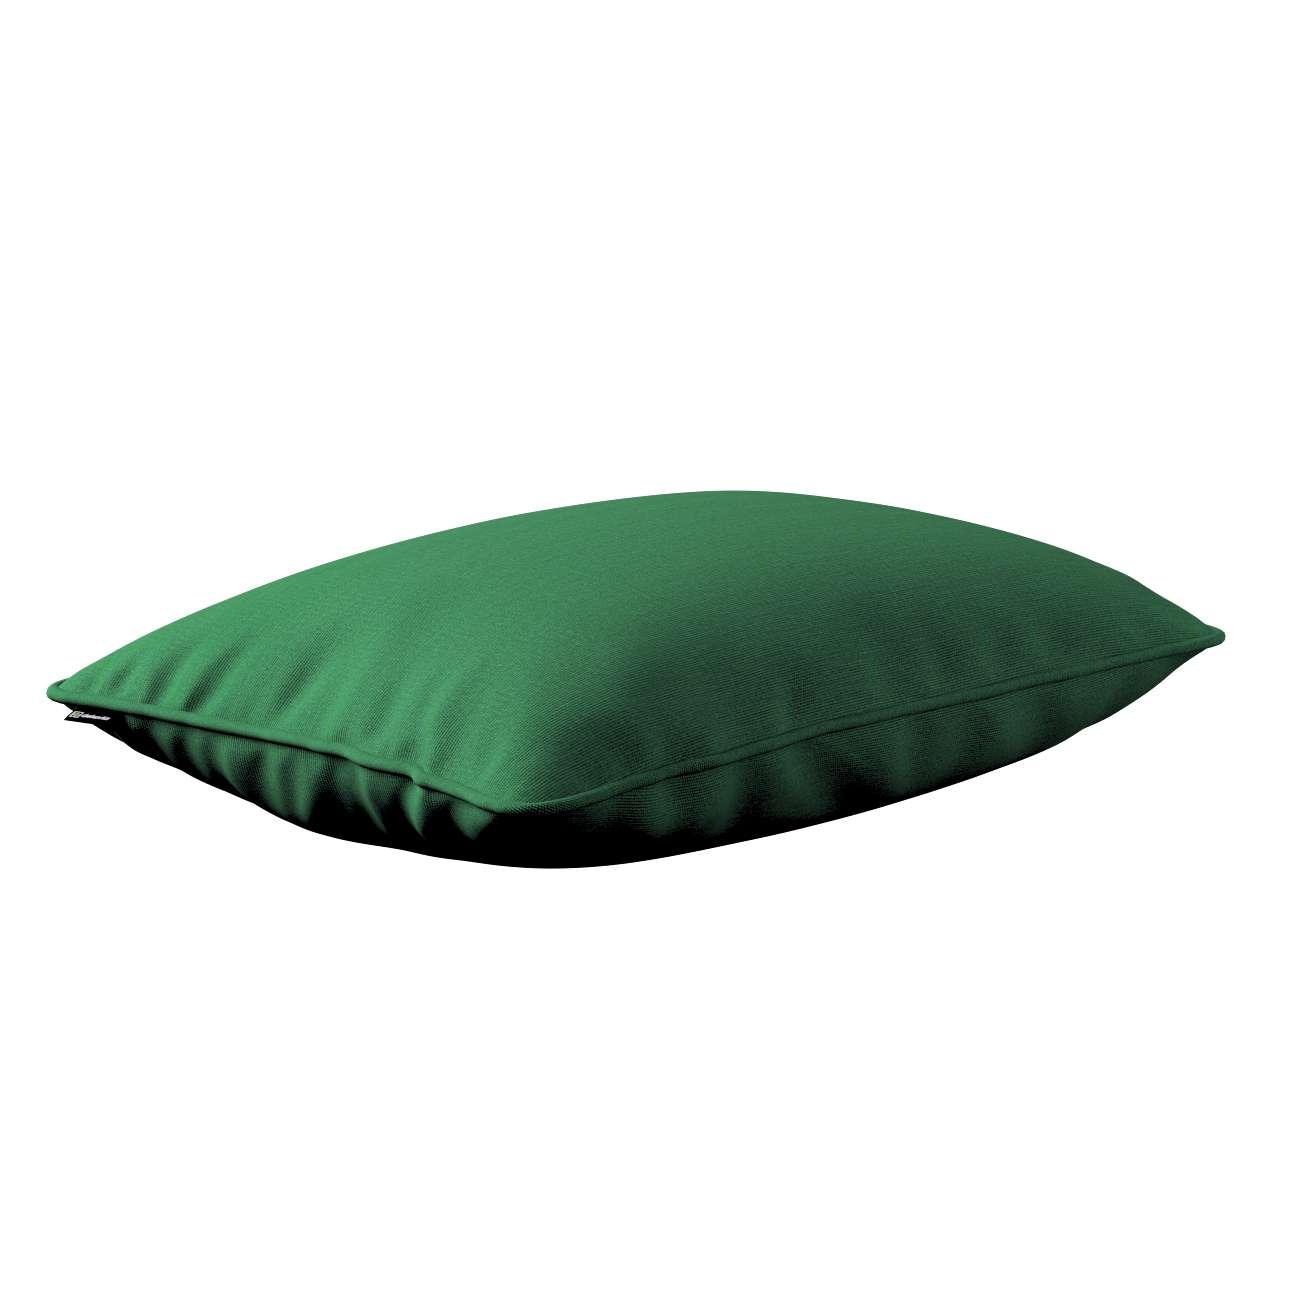 Poszewka Gabi na poduszkę prostokątna 60 x 40 cm w kolekcji Loneta, tkanina: 133-18